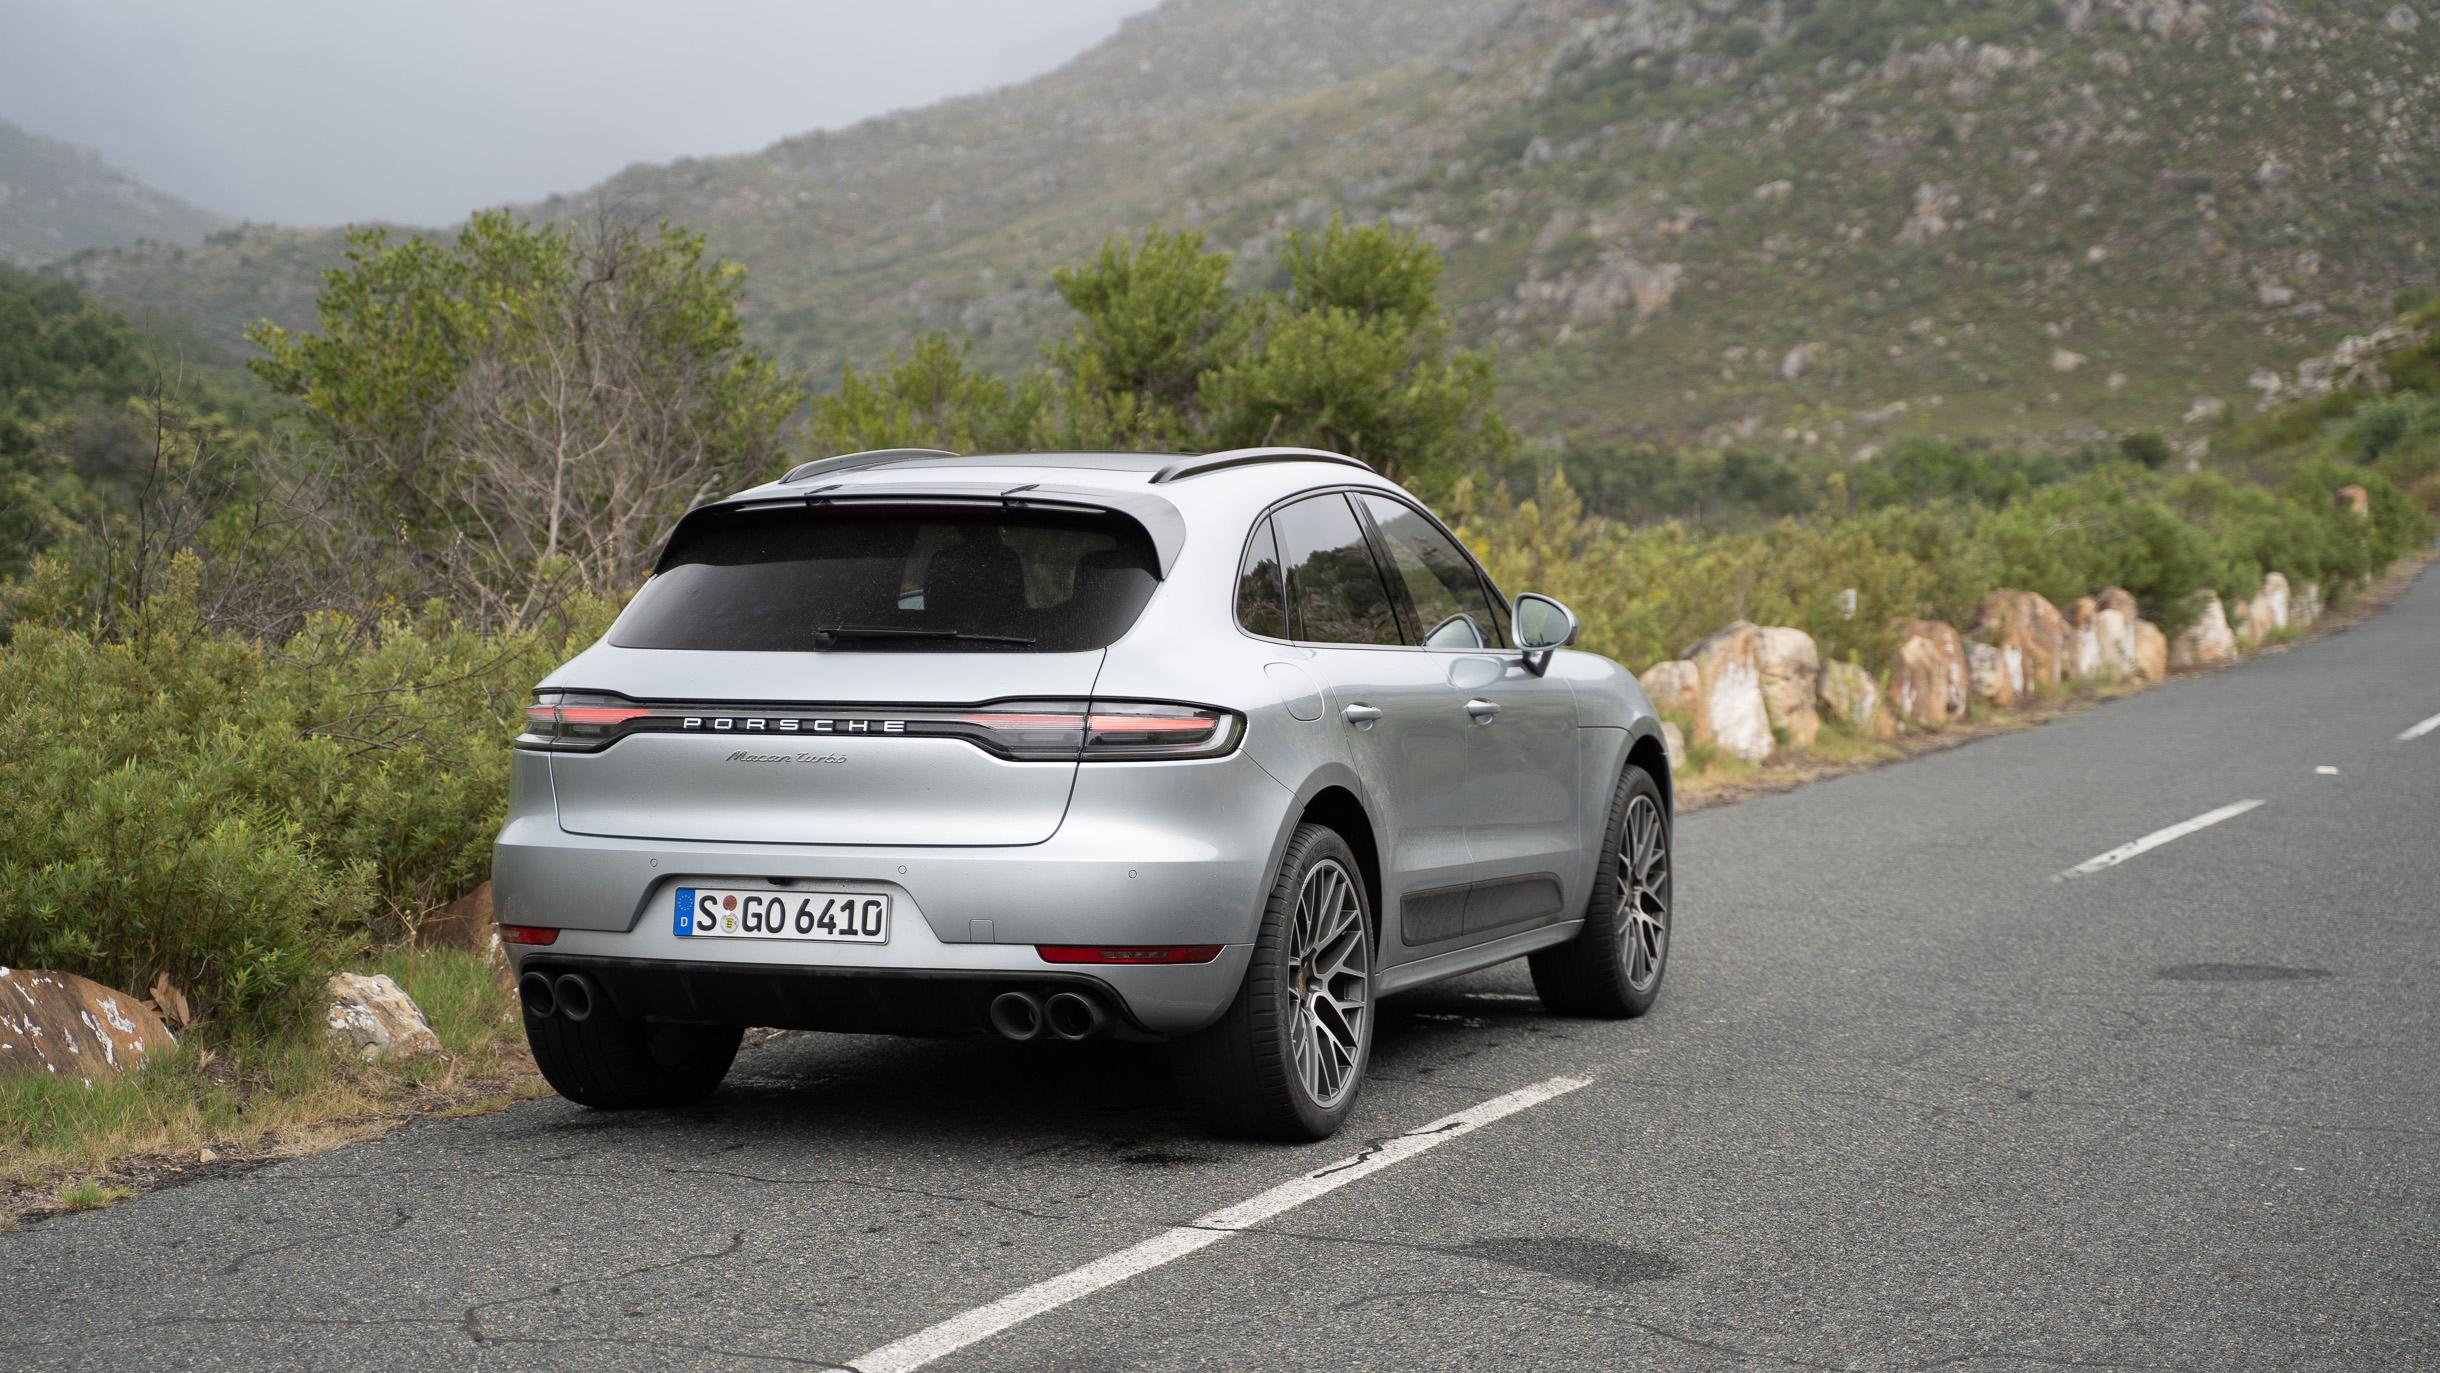 2020 Porsche Macan Turbo Overview